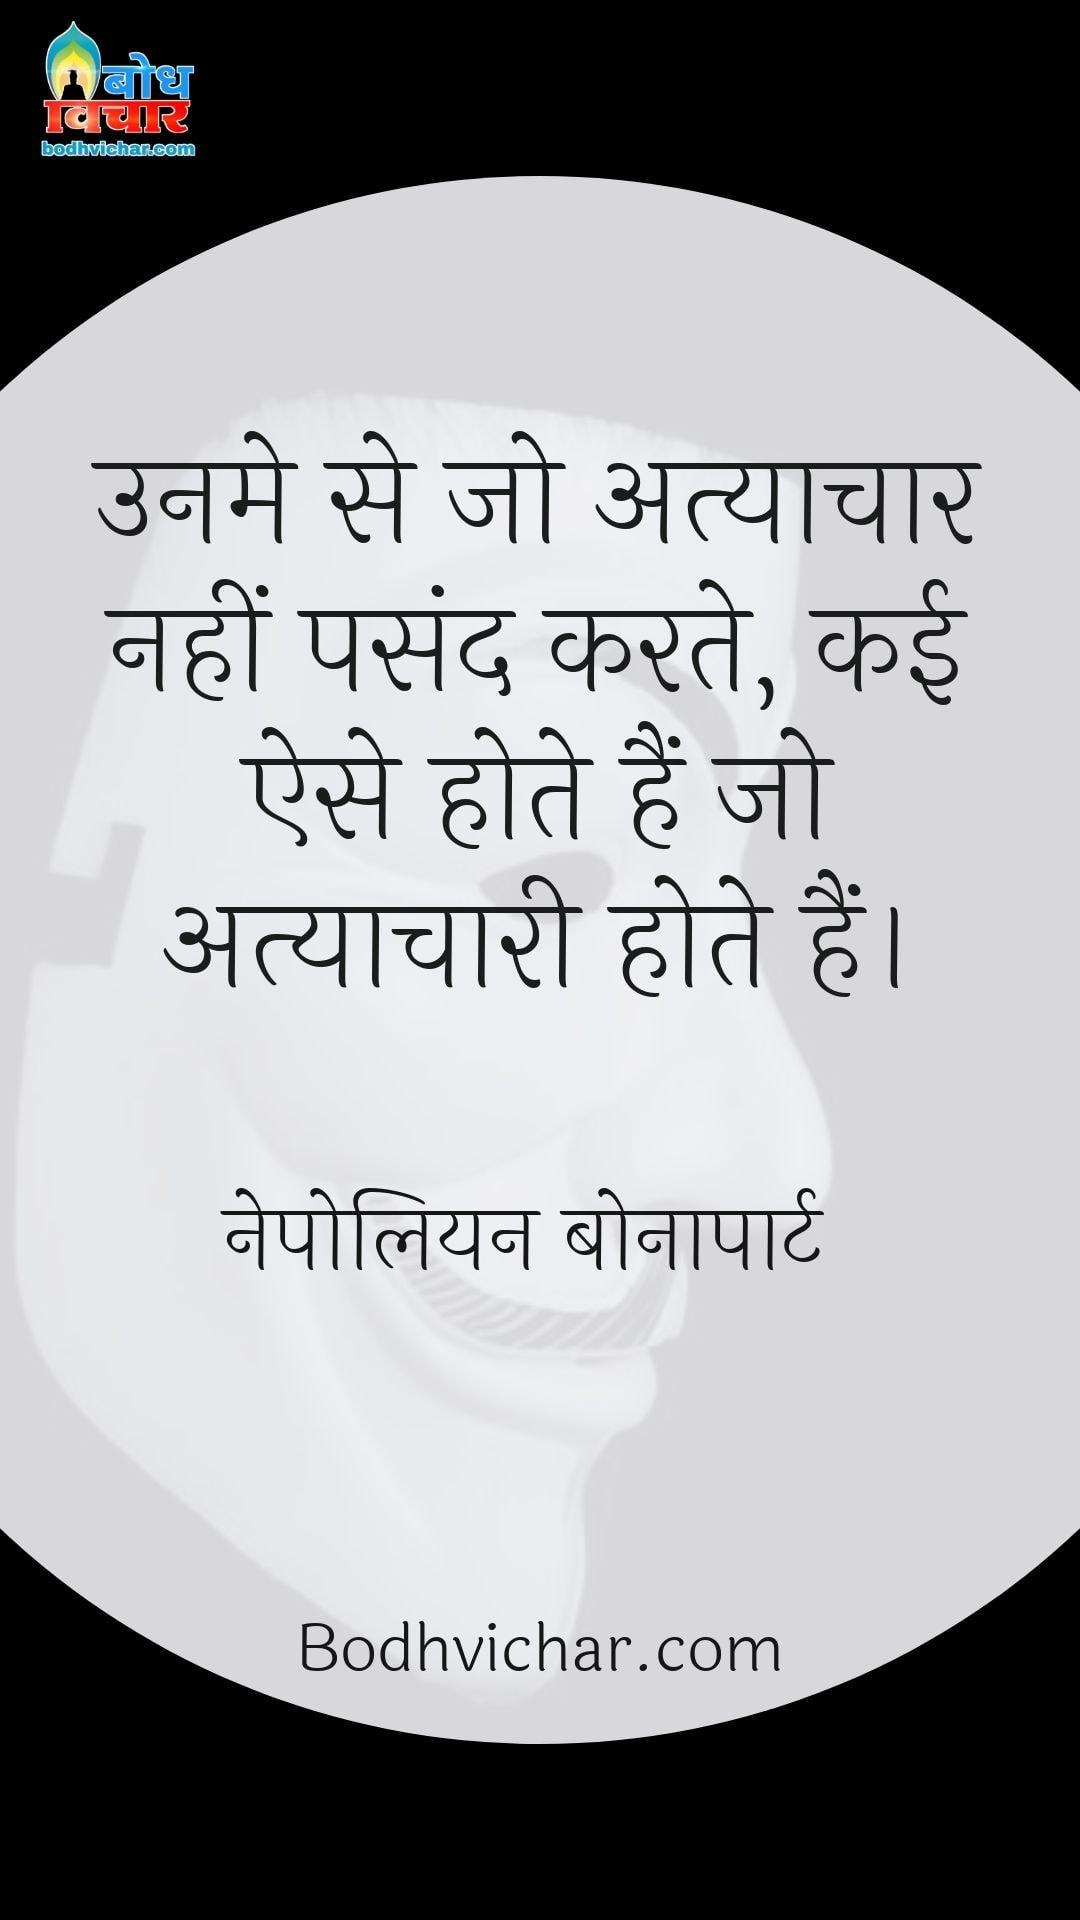 उनमे से जो अत्याचार नहीं पसंद करते, कई ऐसे होते हैं जो अत्याचारी होते हैं। : Unme se jo atyachar nahi pasand karte kai ese hote hain jo atyaachari hote hain - नेपोलियन बोनापार्ट